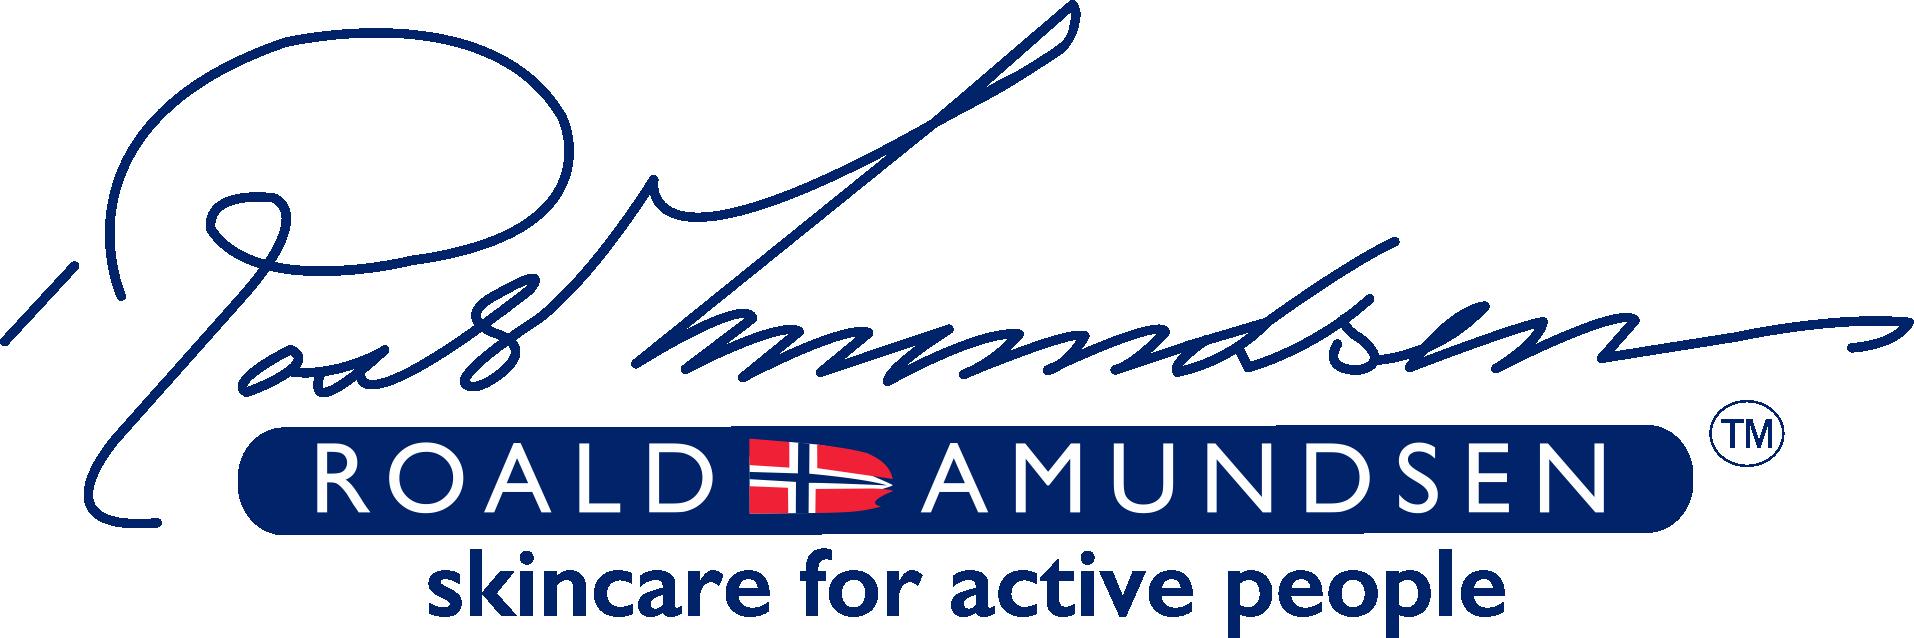 roaldamundsen logo